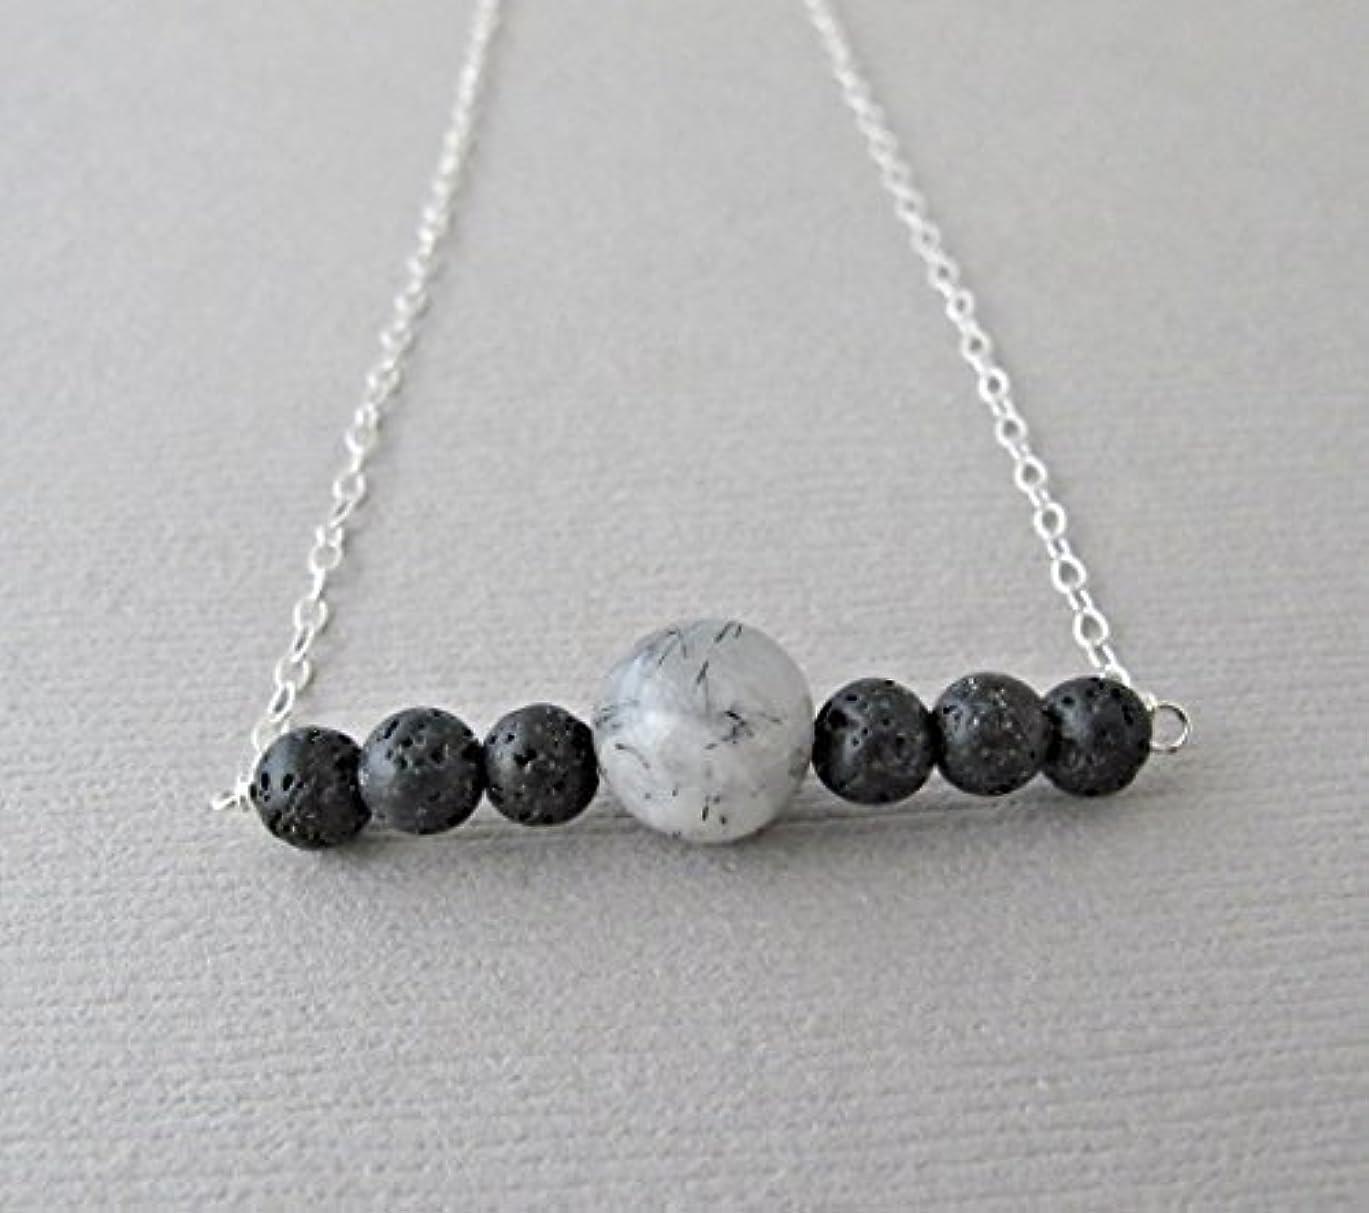 借りるエンターテインメント運動Tourmalinated quartz Lava Pendant Essential Oil Necklace Diffuser Aromatherapy - Simple Minimalist Lava Bead Diffuser...